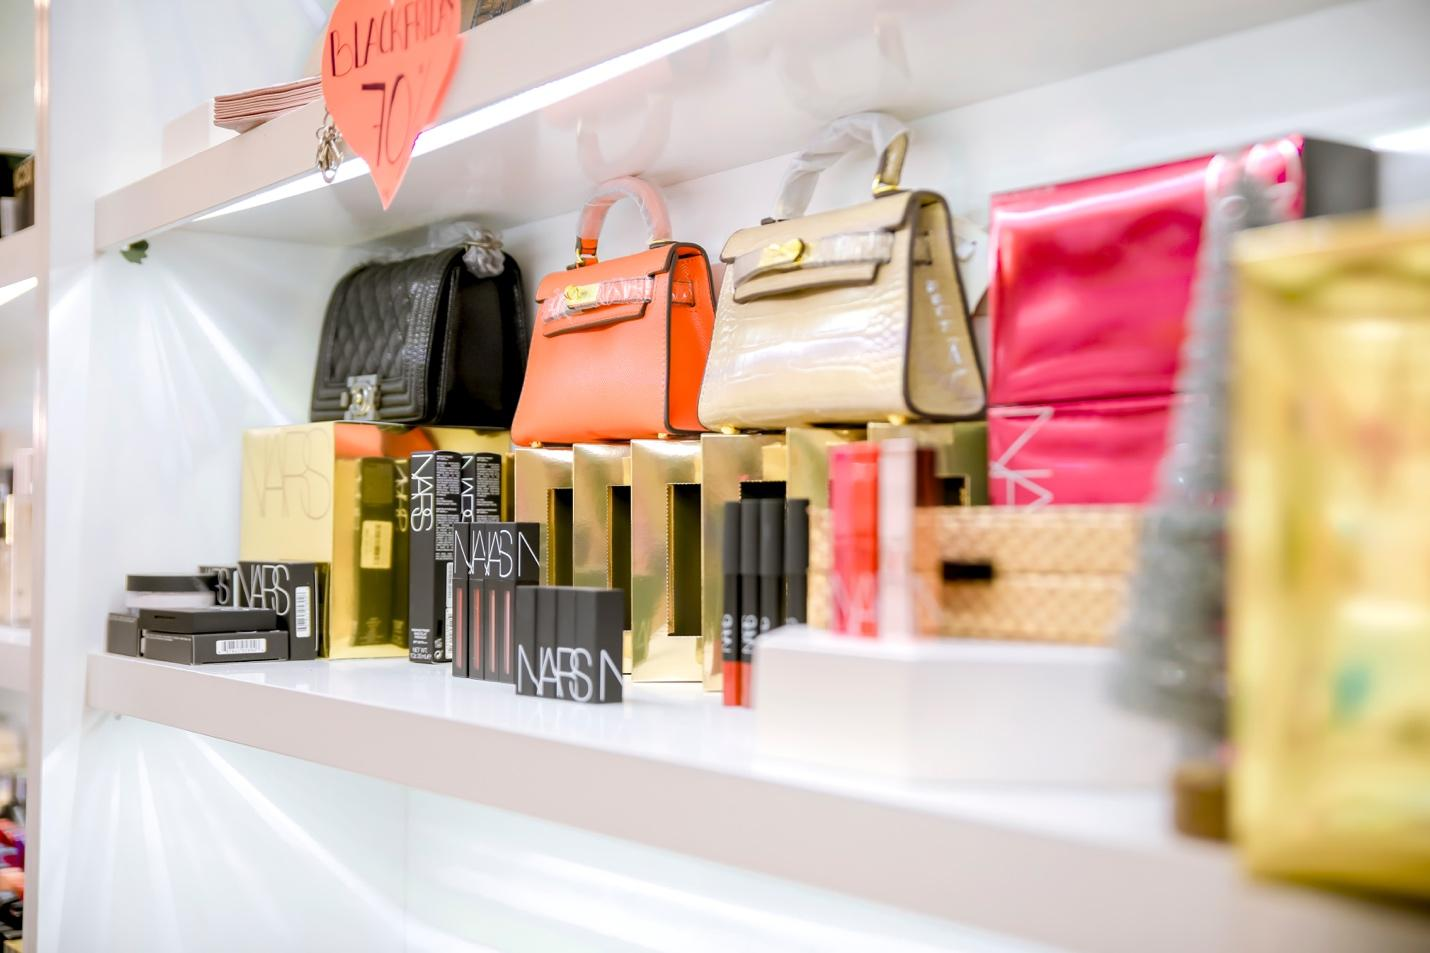 Trần Phi Yến Store – Shop thời trang, mỹ phẩm quen thuộc của phái đẹp Đồng Nai - Ảnh 6